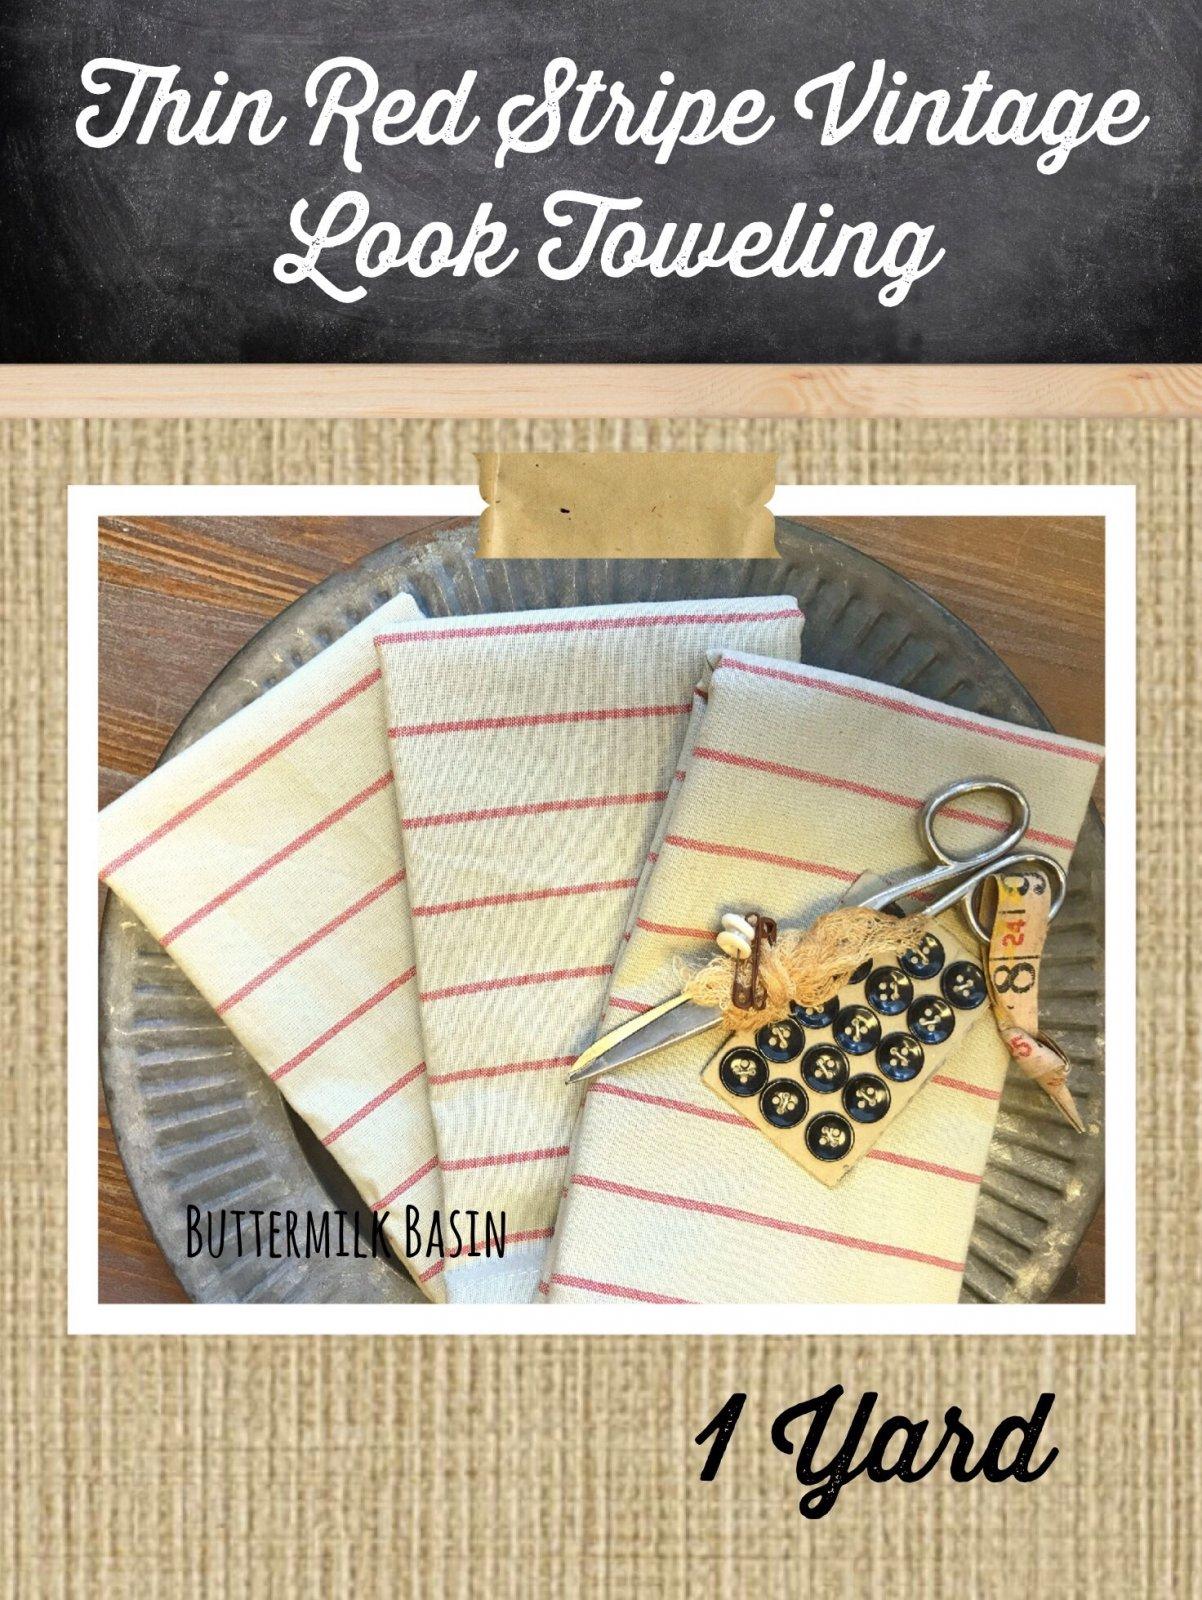 Thin Red Stripe Vintage Look Toweling